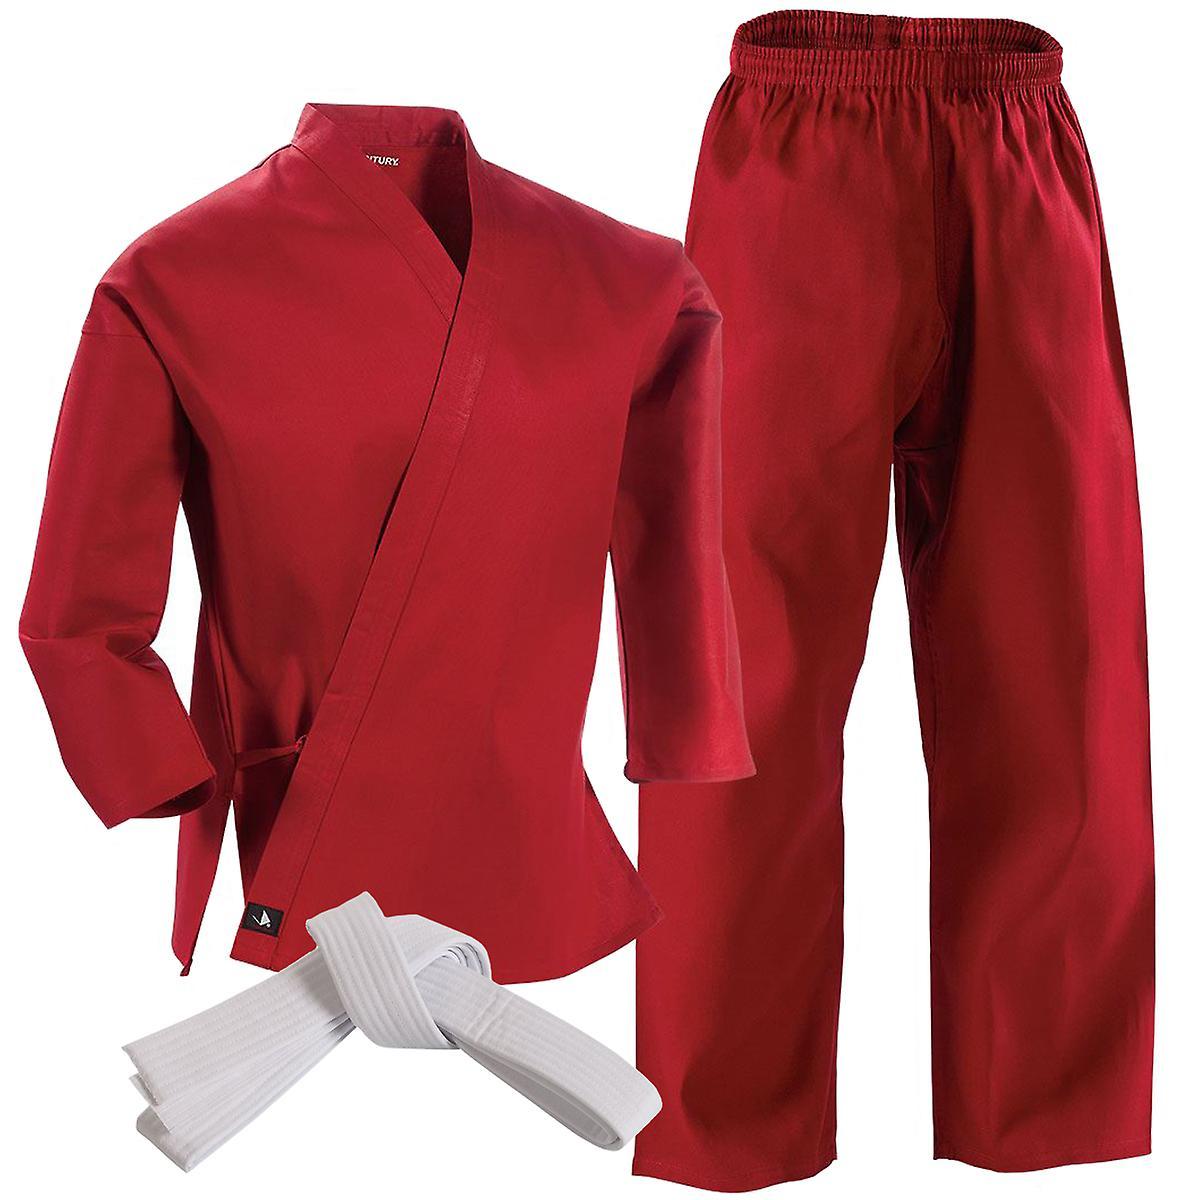 Century Martial Arts Talet 6 oz. lätta Student Uniform med elastisk byxor - röd 3